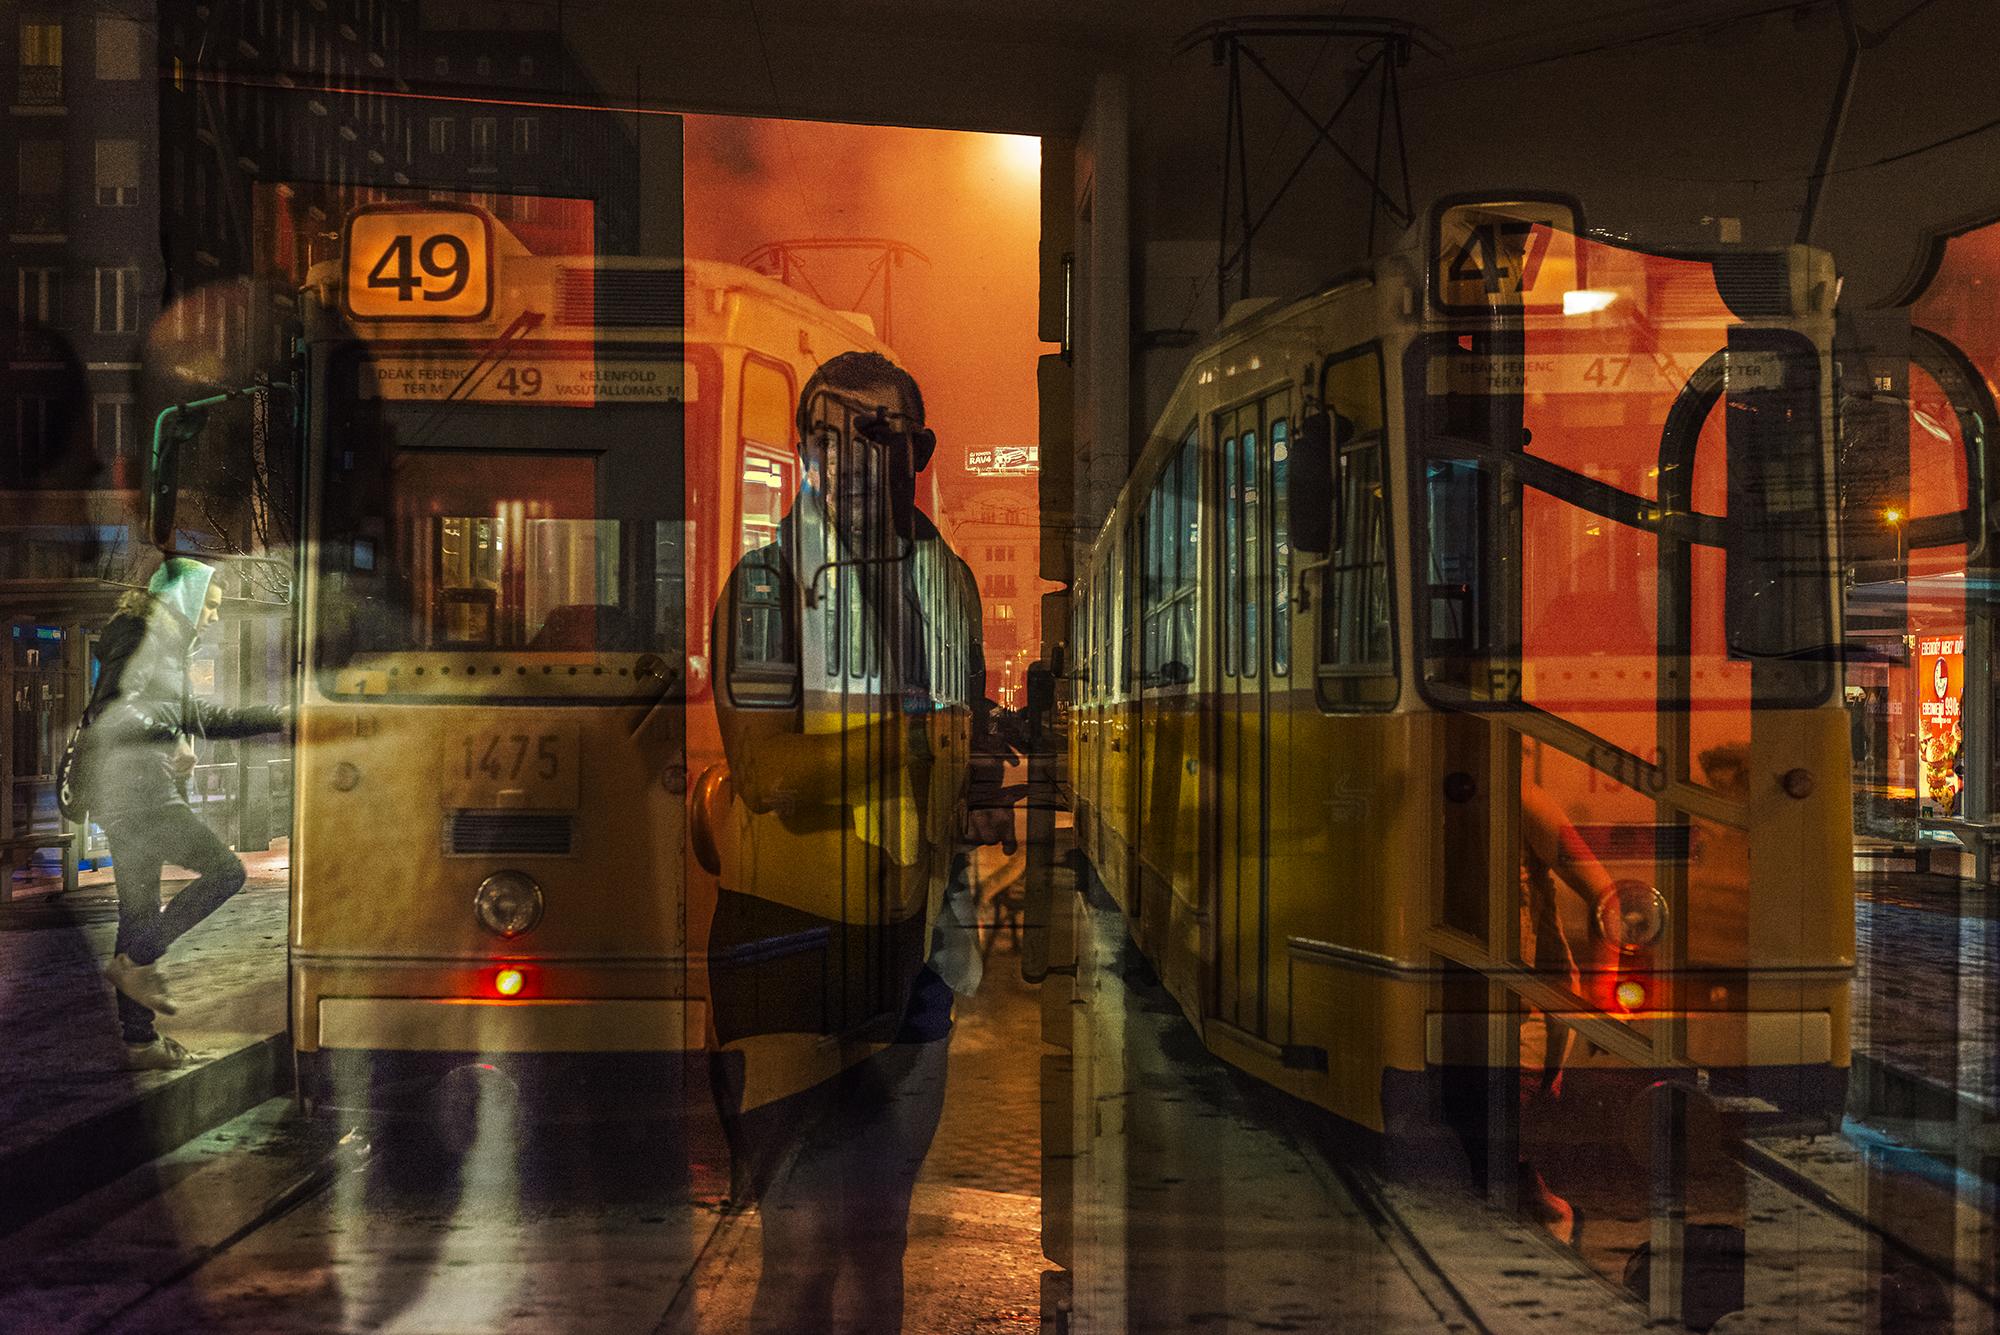 3479 tram.jpg